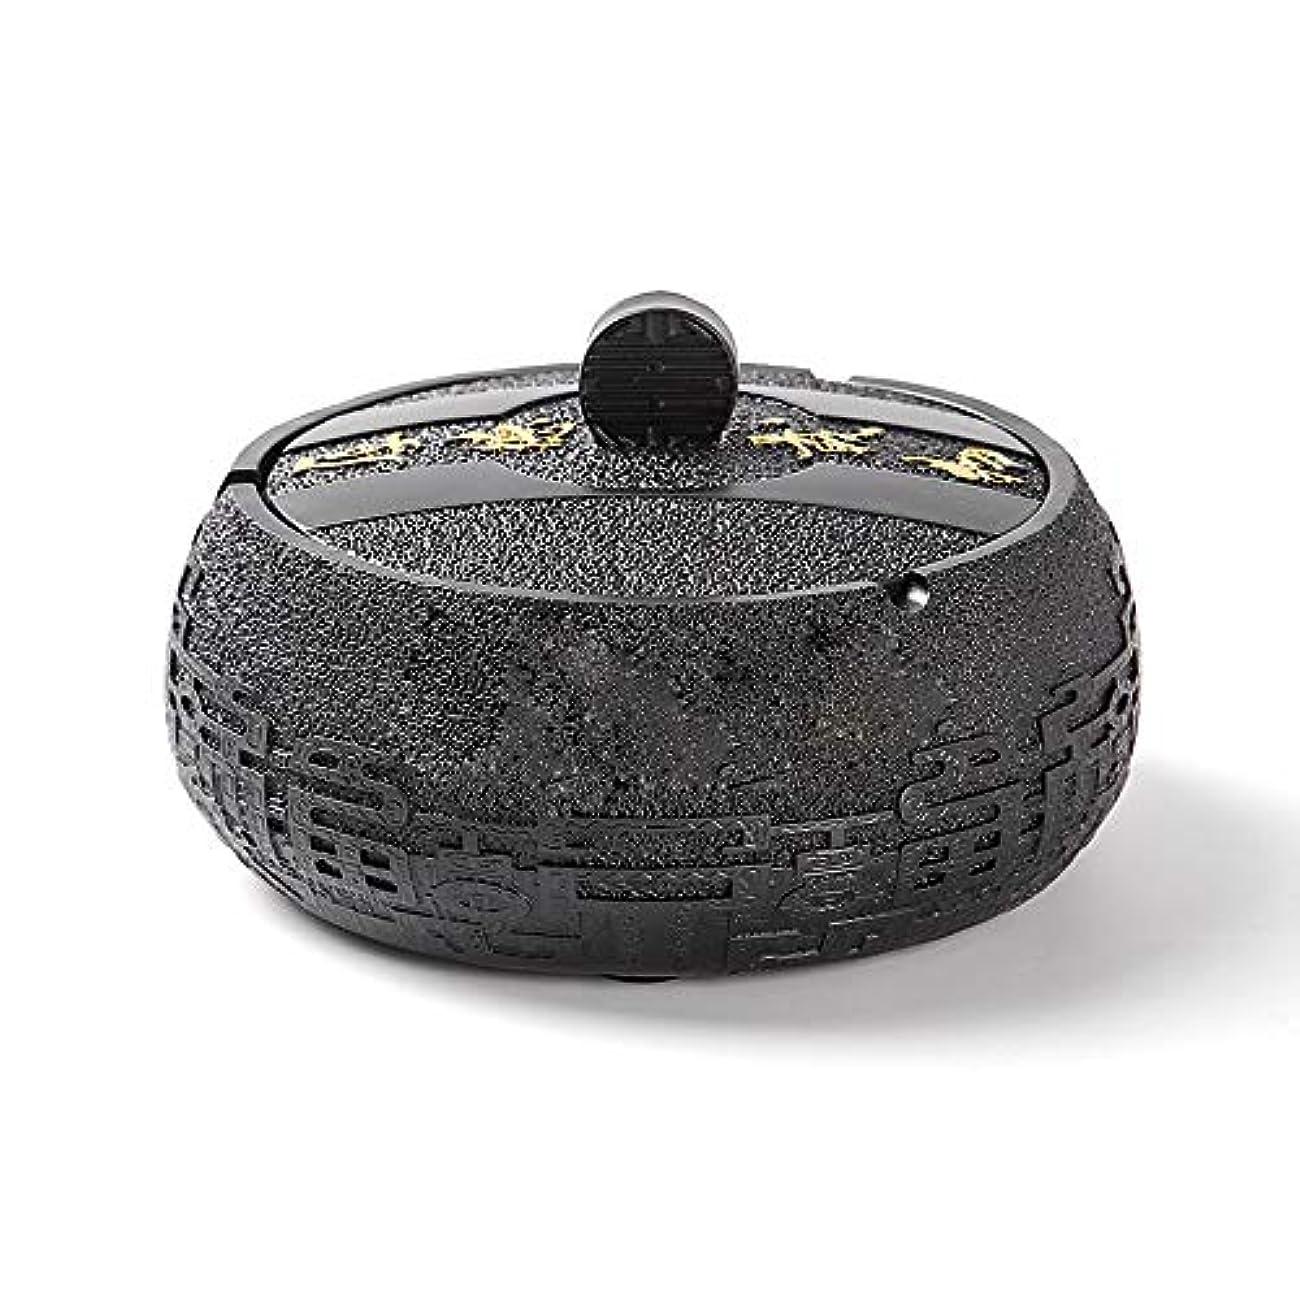 磁気羽平行タバコ、ギフトおよび総本店の装飾のための円形の光沢のある環境に優しい樹脂の灰皿 (色 : 黒)